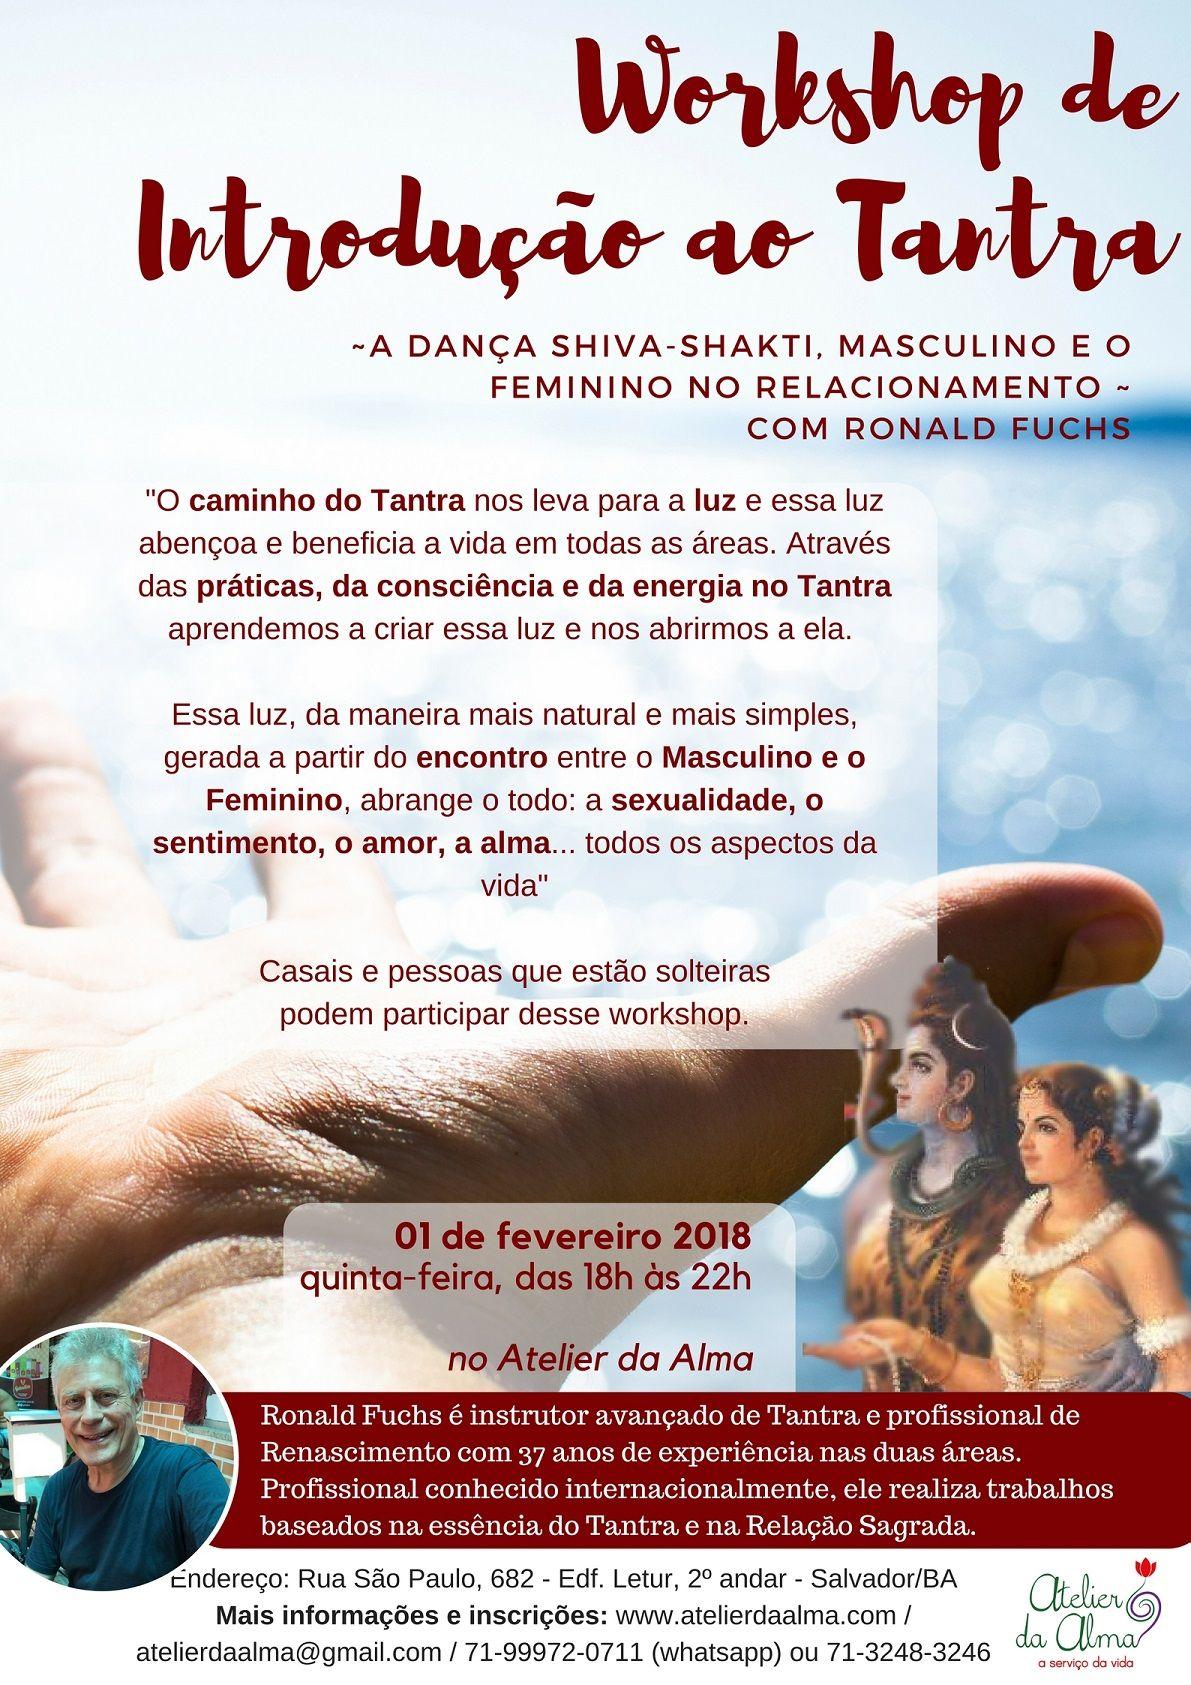 Introduçoã ao Tantra 1 de Fevereiro en Salvador de Bahía (Brasil)